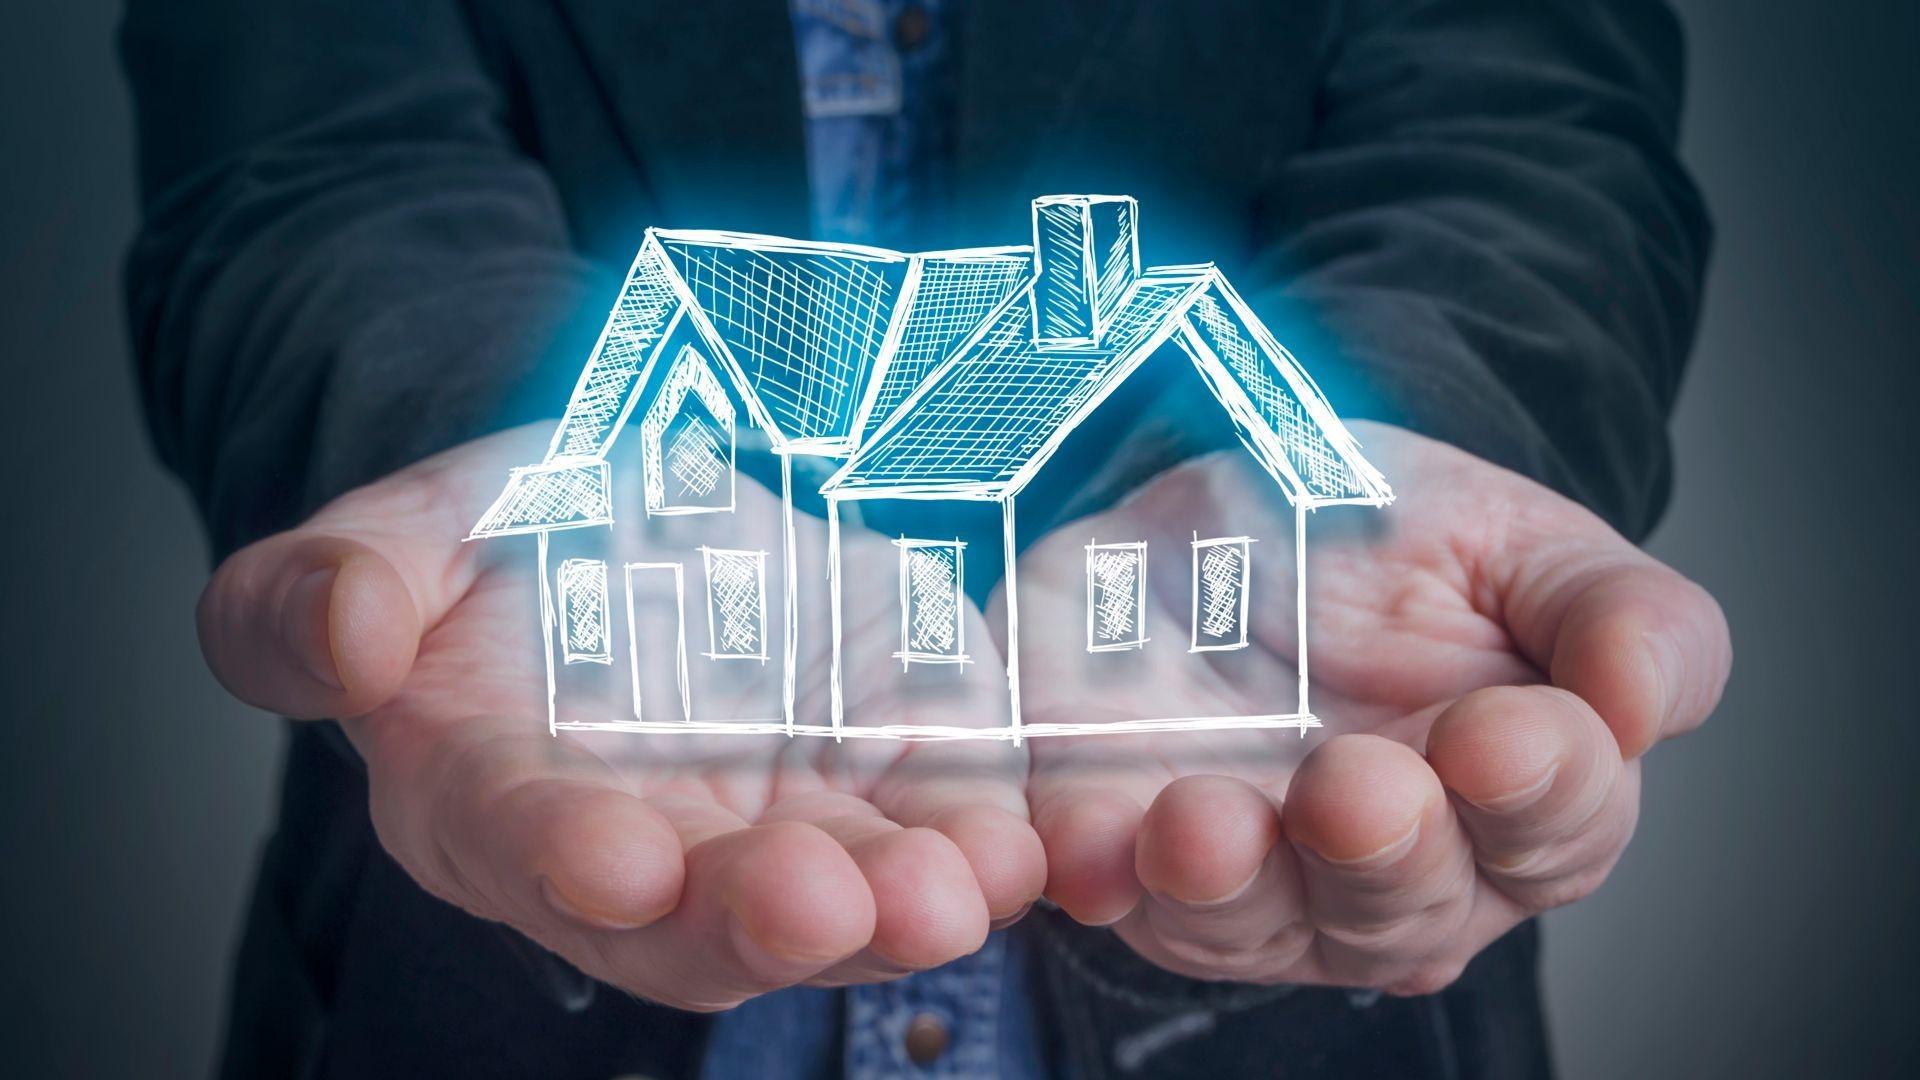 Servicios integrales para el hogar en Elda